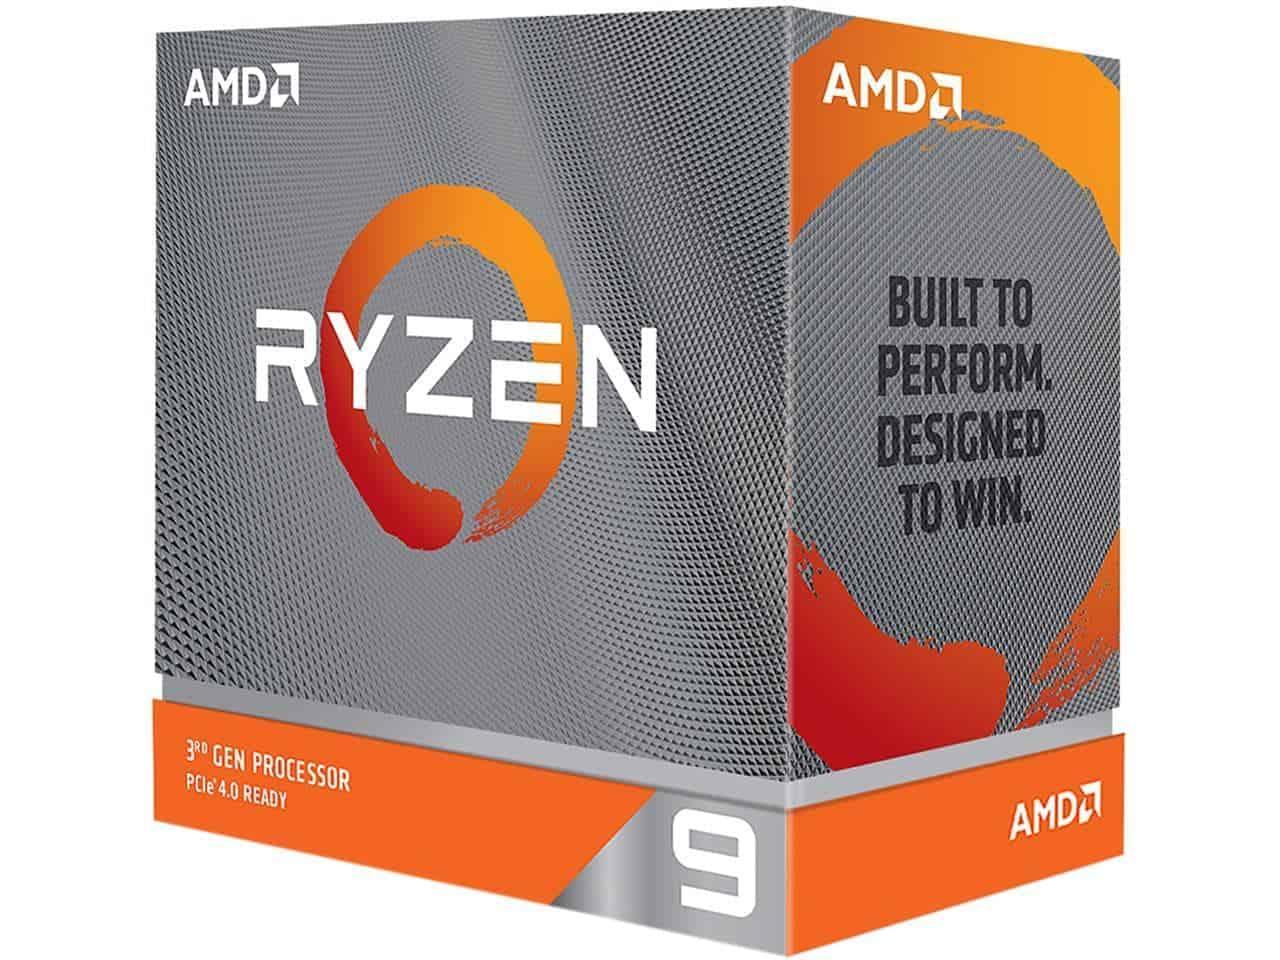 AMD RYZEN 5 3900XT